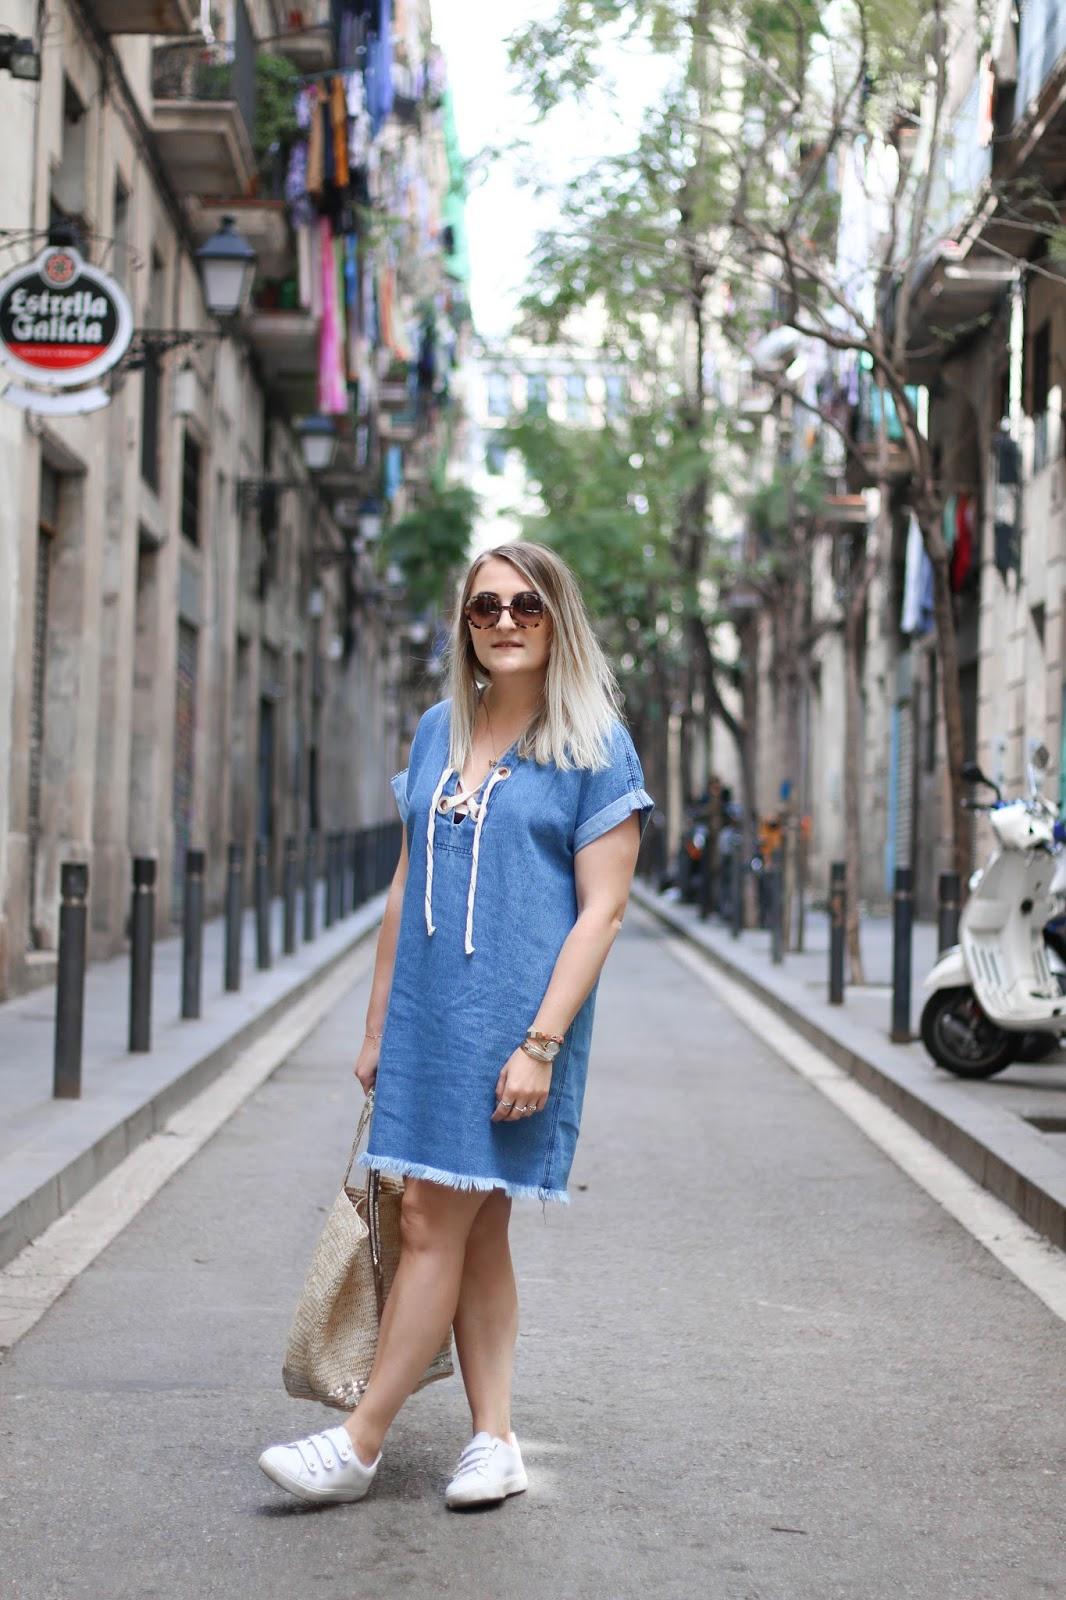 Victoria Shoes Paris Grenoble